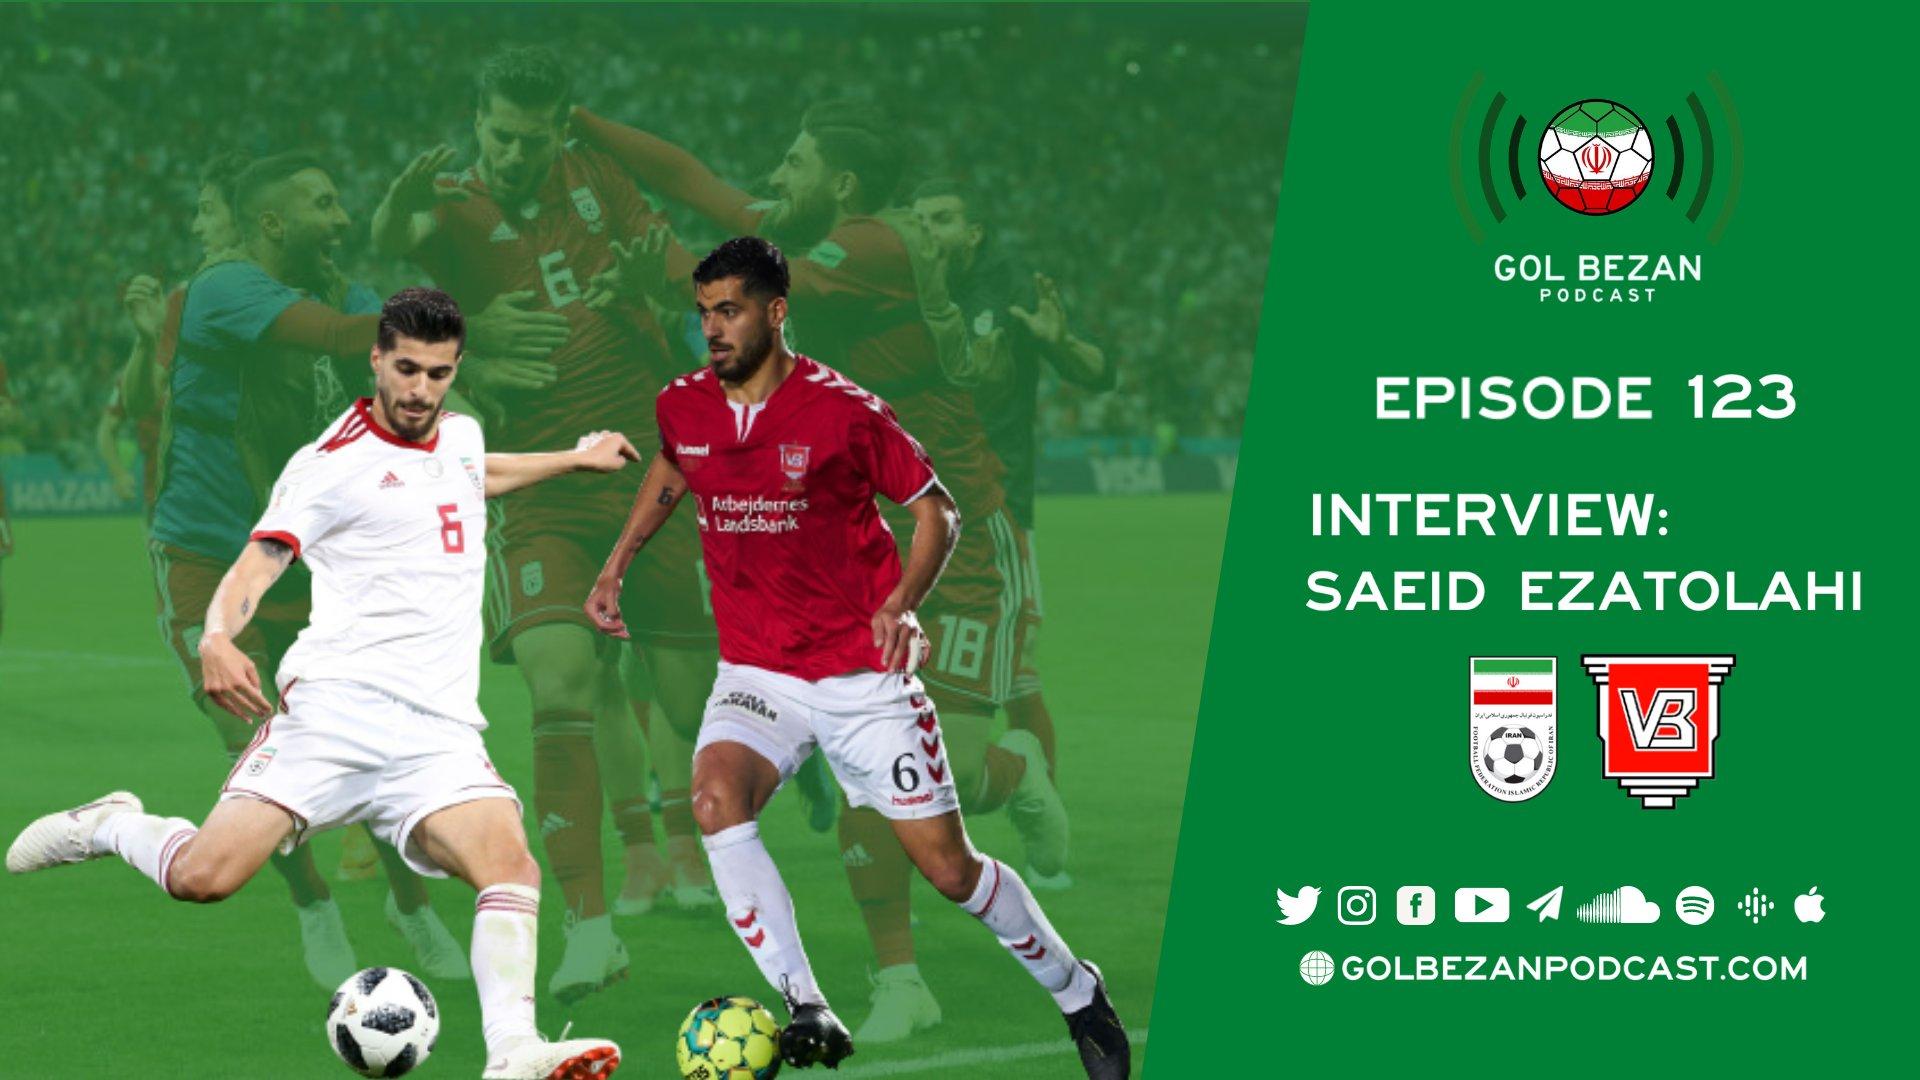 Interview Saeid Ezatolahi